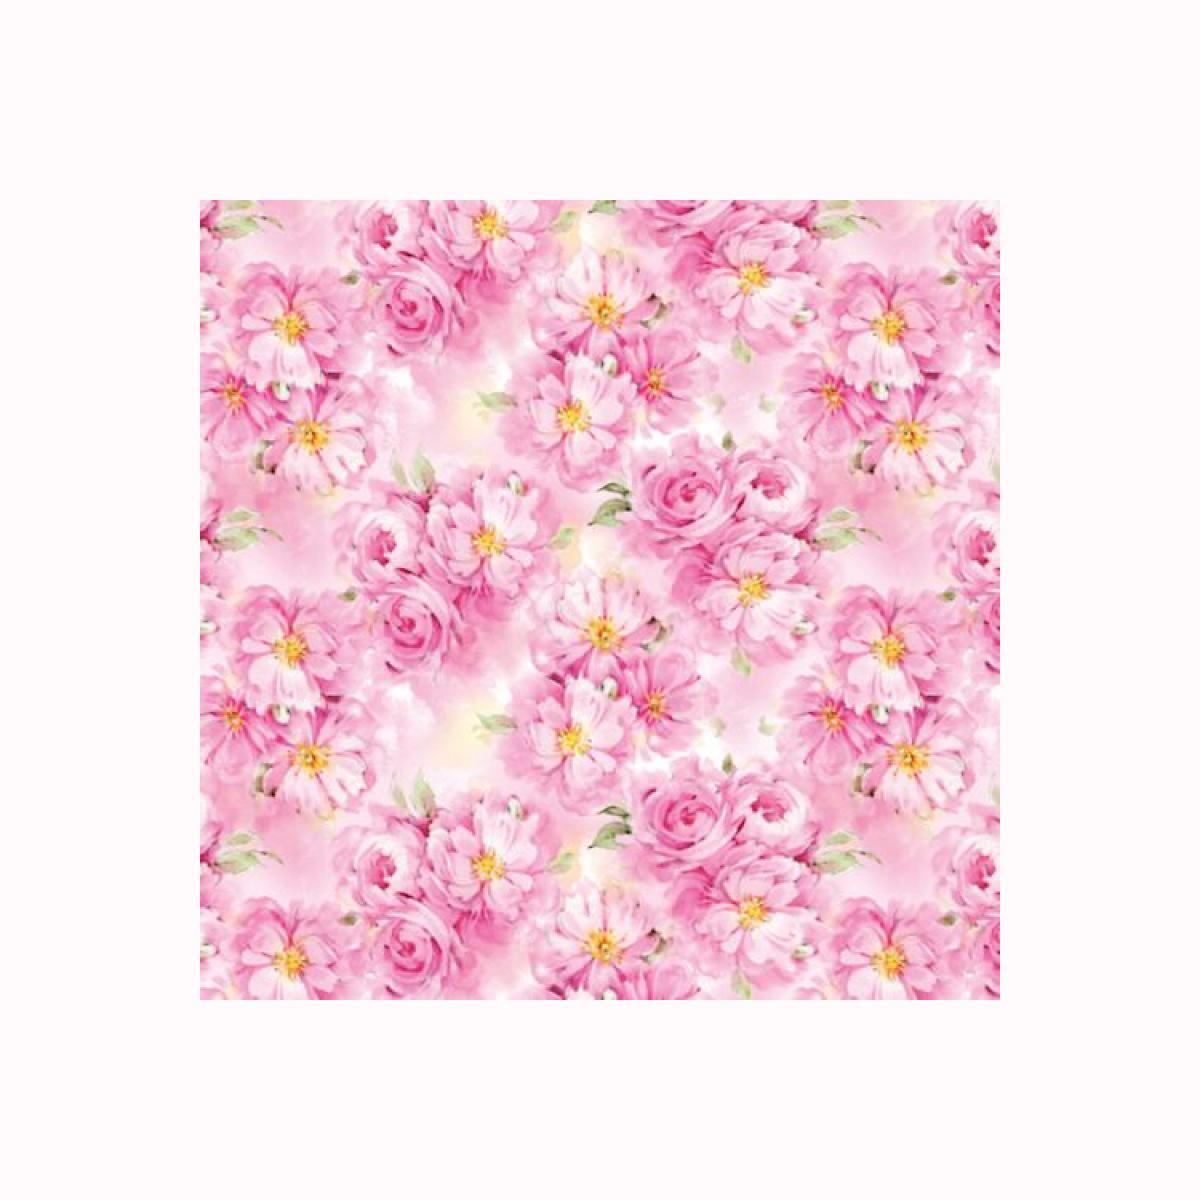 Бумага упаковочная Хобби и ты Цветущие пионы, 67,4 х 97,4 см. 583243583243